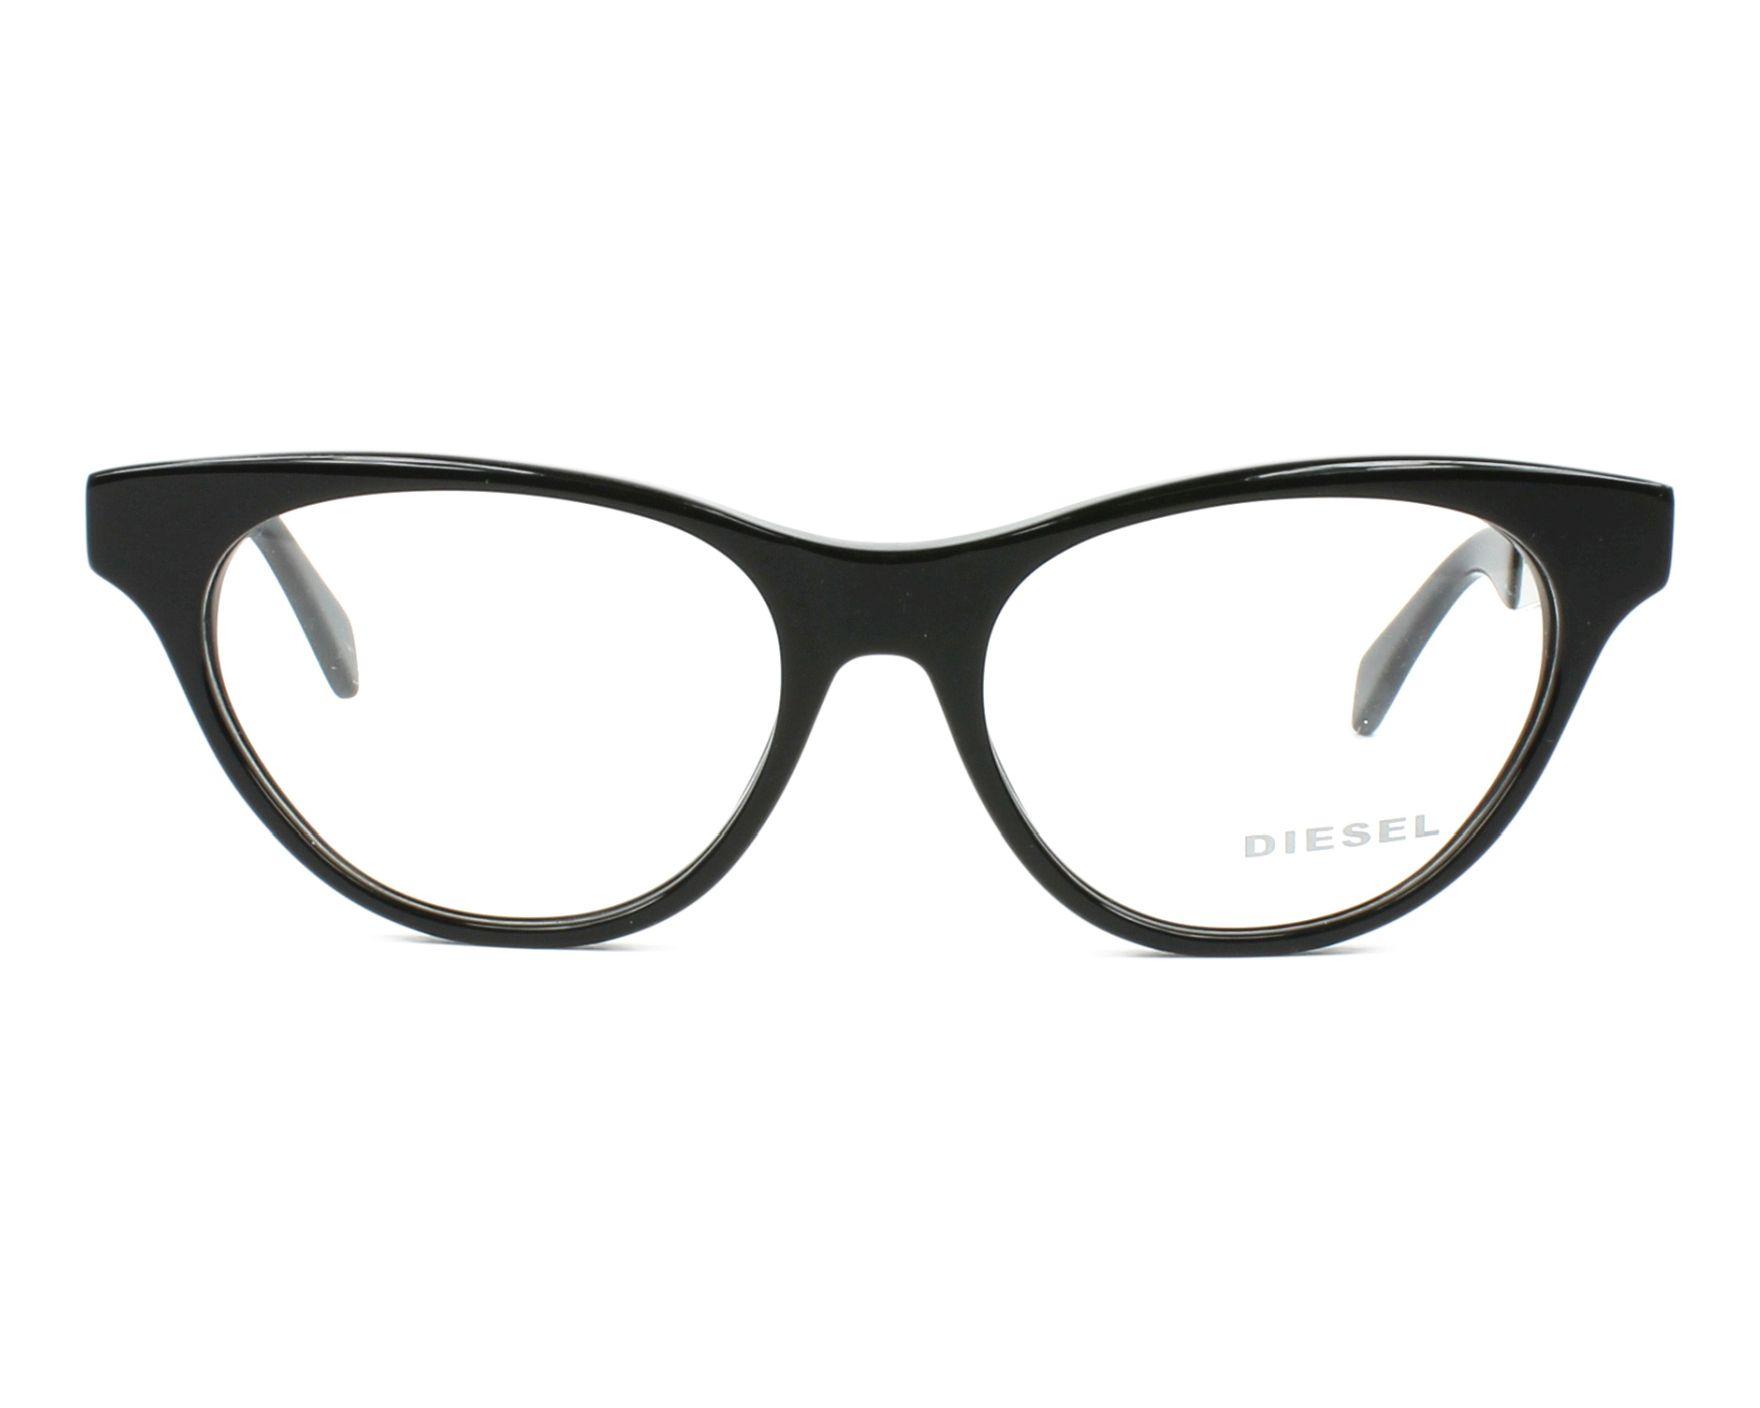 0ec216ed067 eyeglasses Diesel DL-5059 001 52-16 Black Silver front view